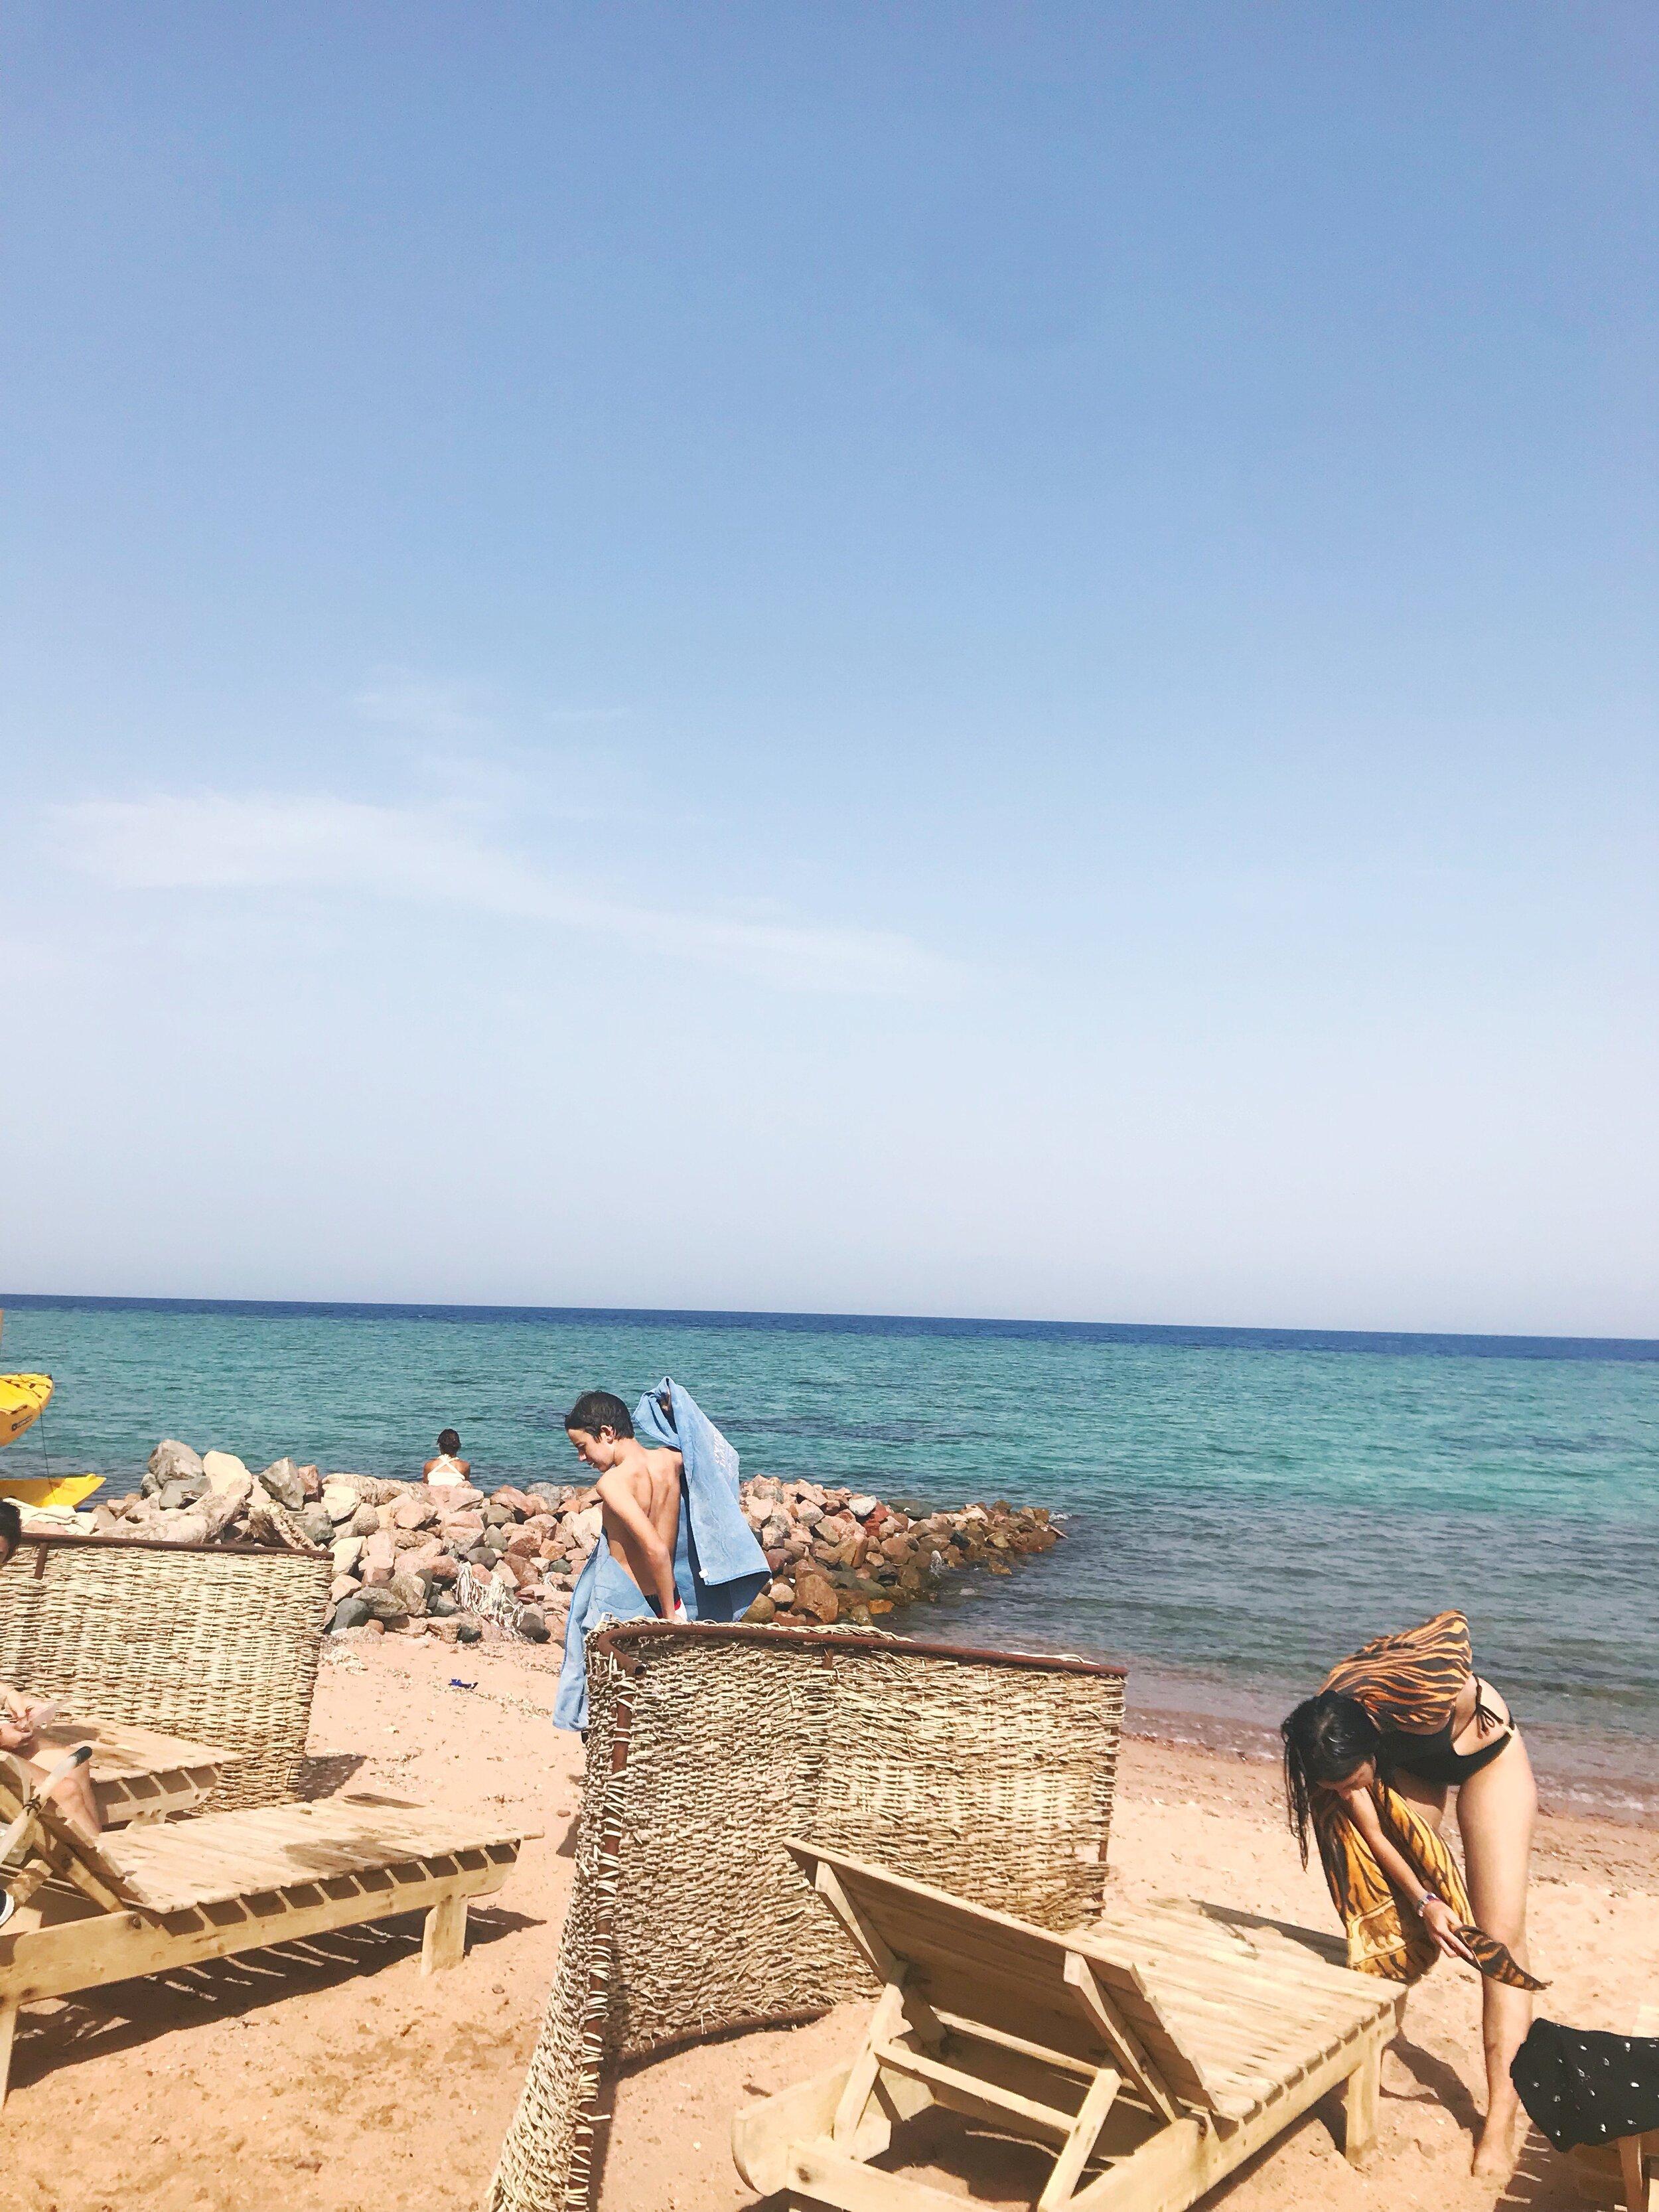 bus-to-dahab-from-cairo-egypt-family-travel-blogger-negra-bohemian